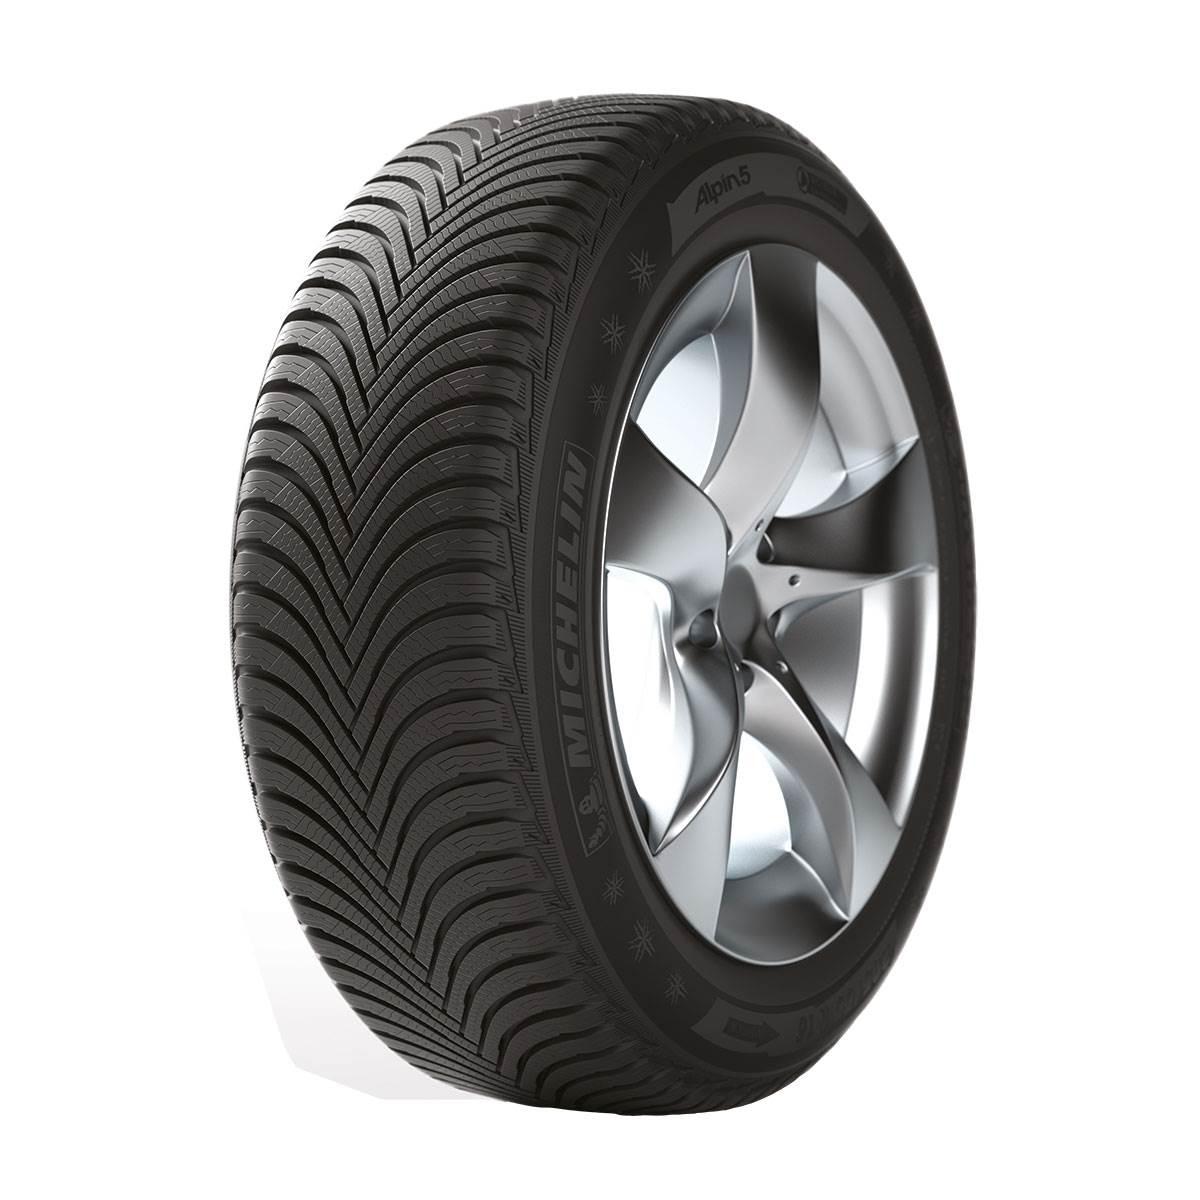 Pneu Runflat Hiver Michelin 225/45R17 91V Alpin A5